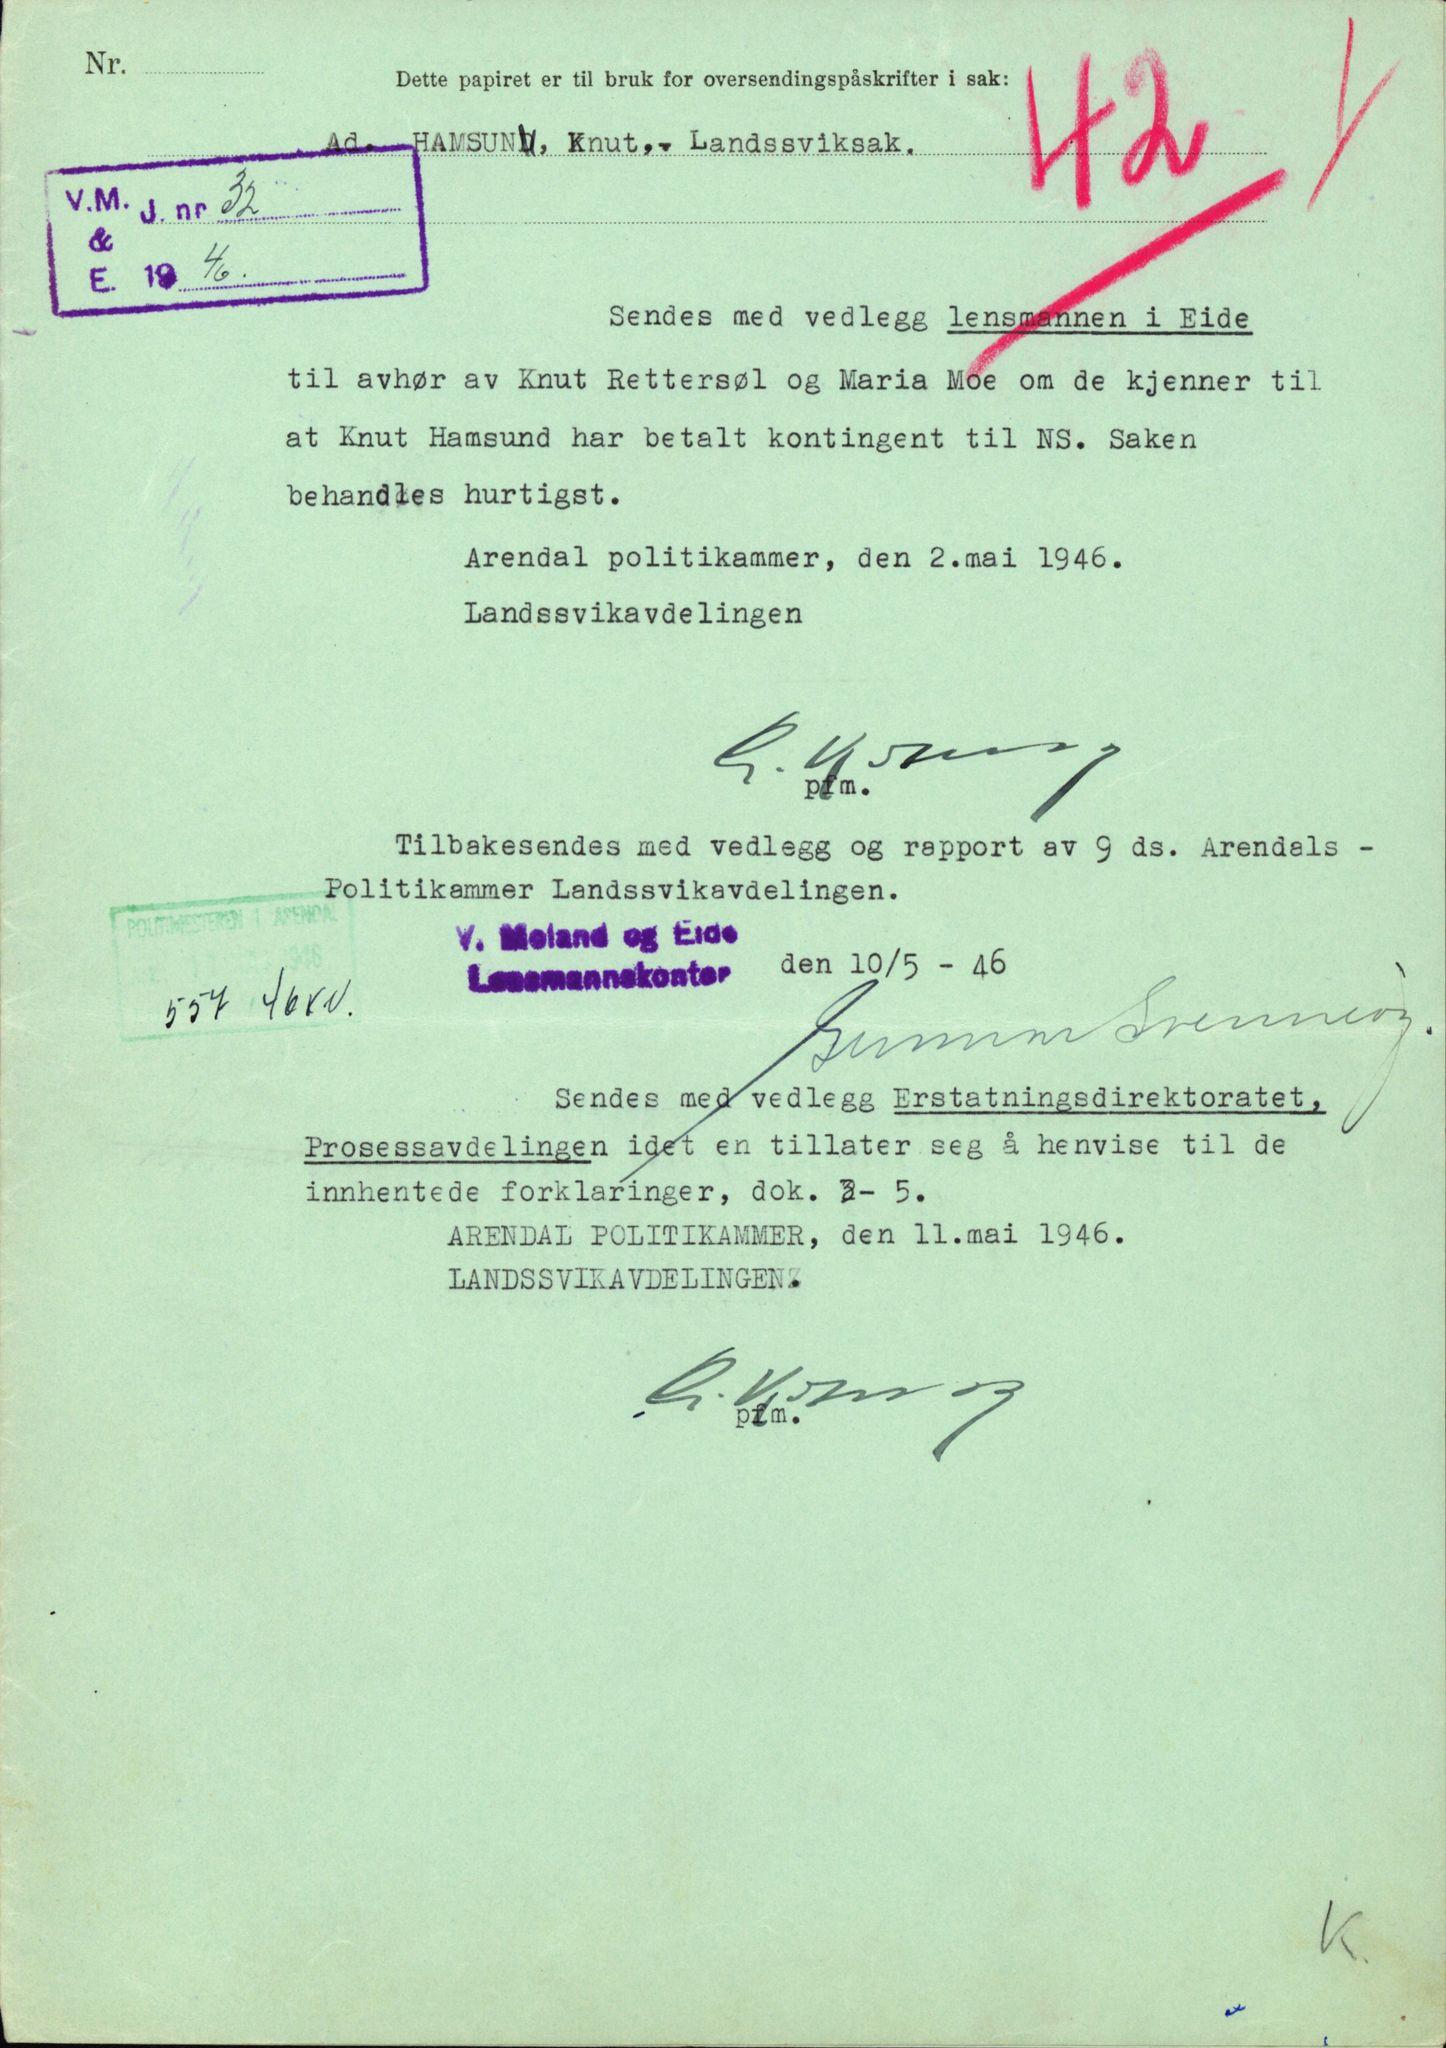 RA, Landssvikarkivet, Arendal politikammer, D/Dc/L0029: Anr. 192/45, 1945-1951, s. 393